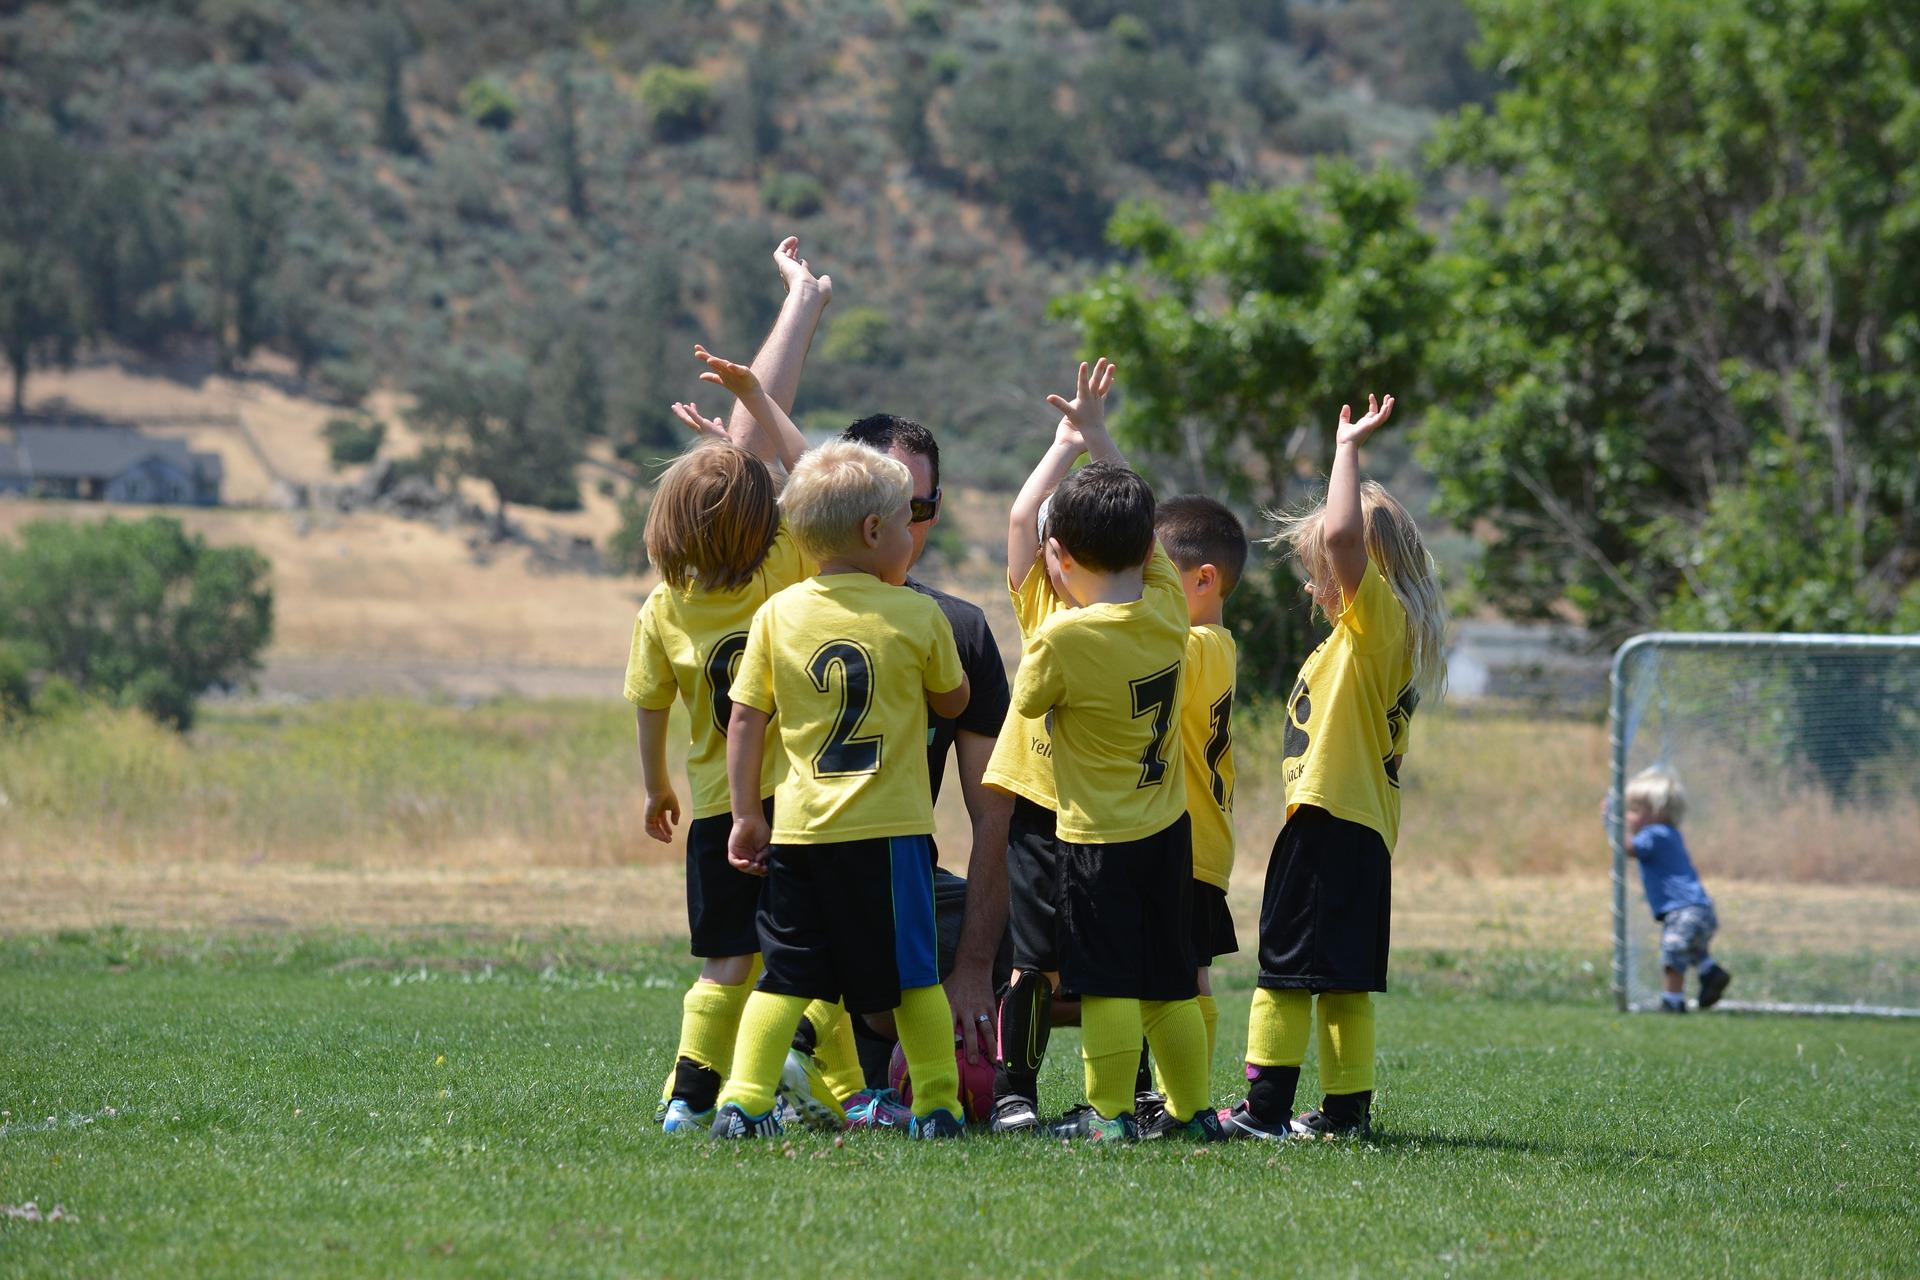 サッカーグランドに立つ5人の外国人の子どもたちと1人のコーチ